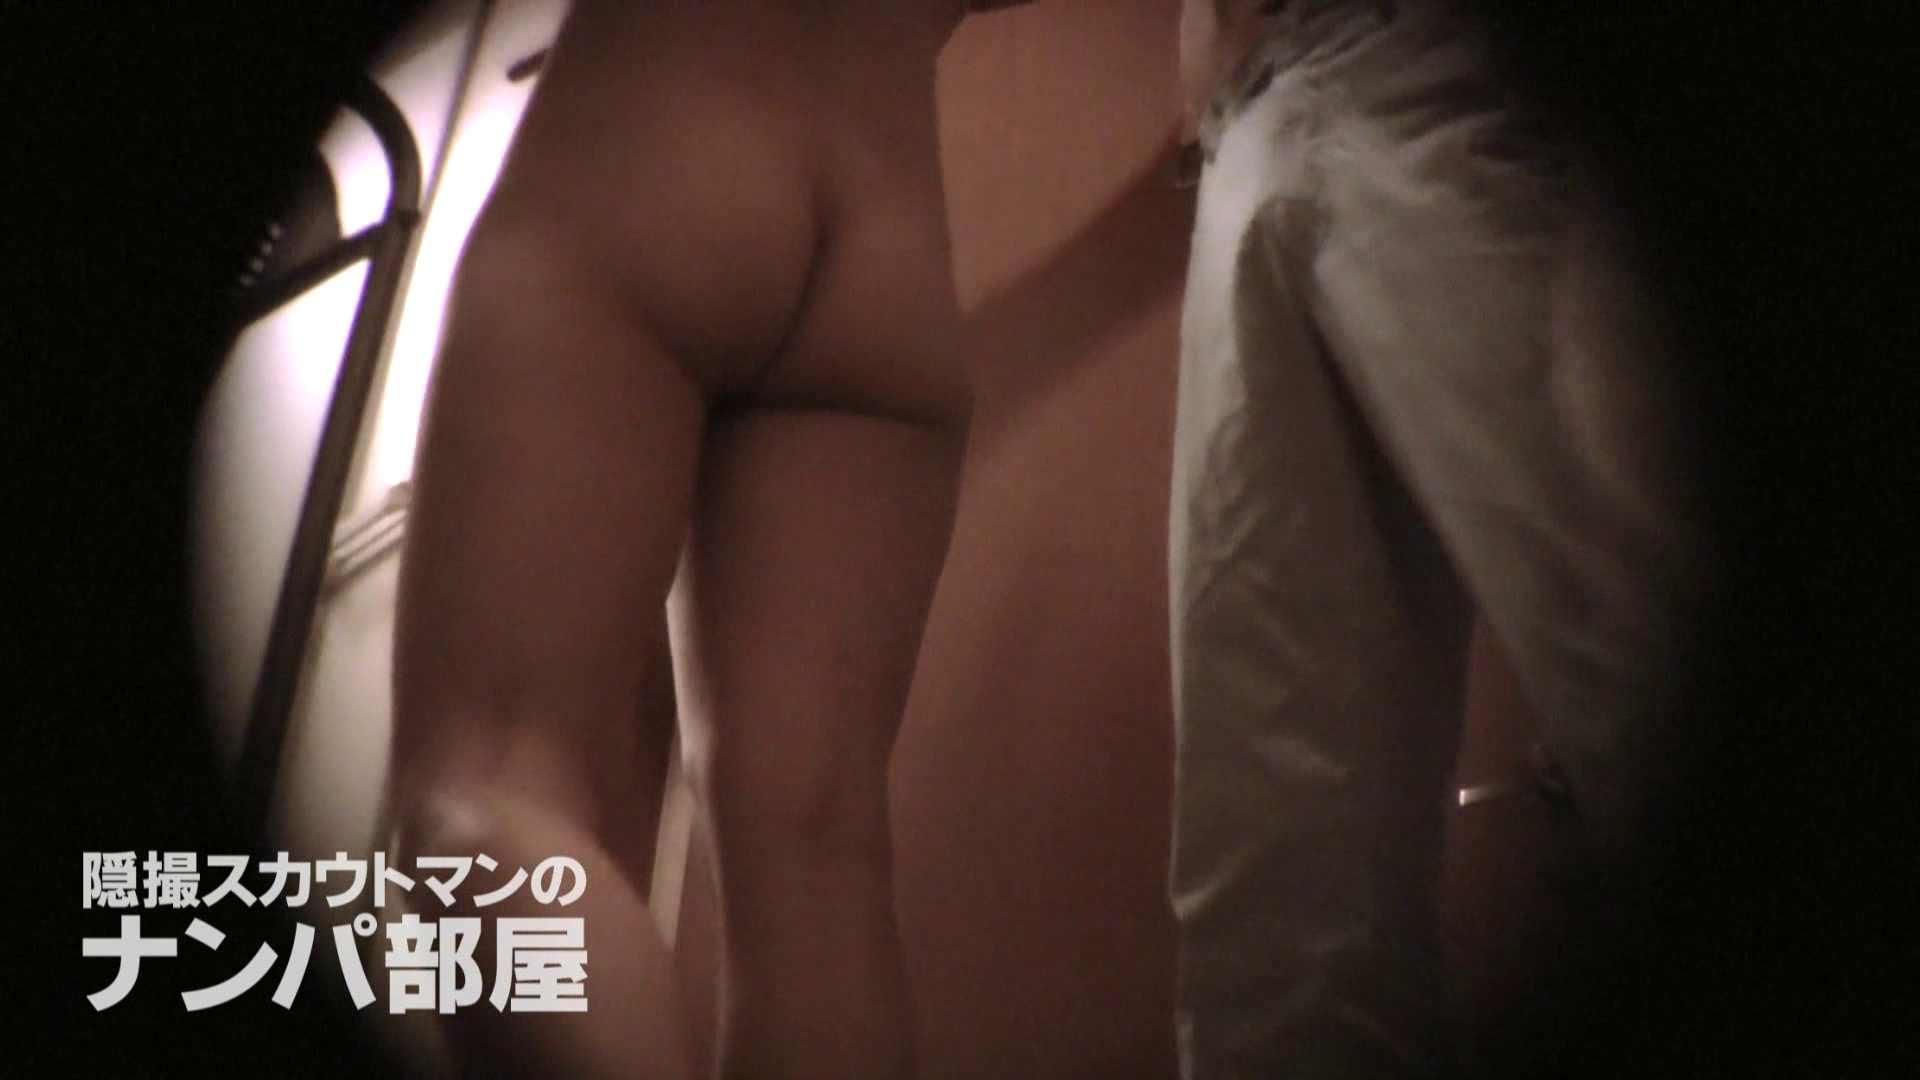 隠撮スカウトマンのナンパ部屋~風俗デビュー前のつまみ食い~ sii 脱衣所 | 隠撮  68画像 26